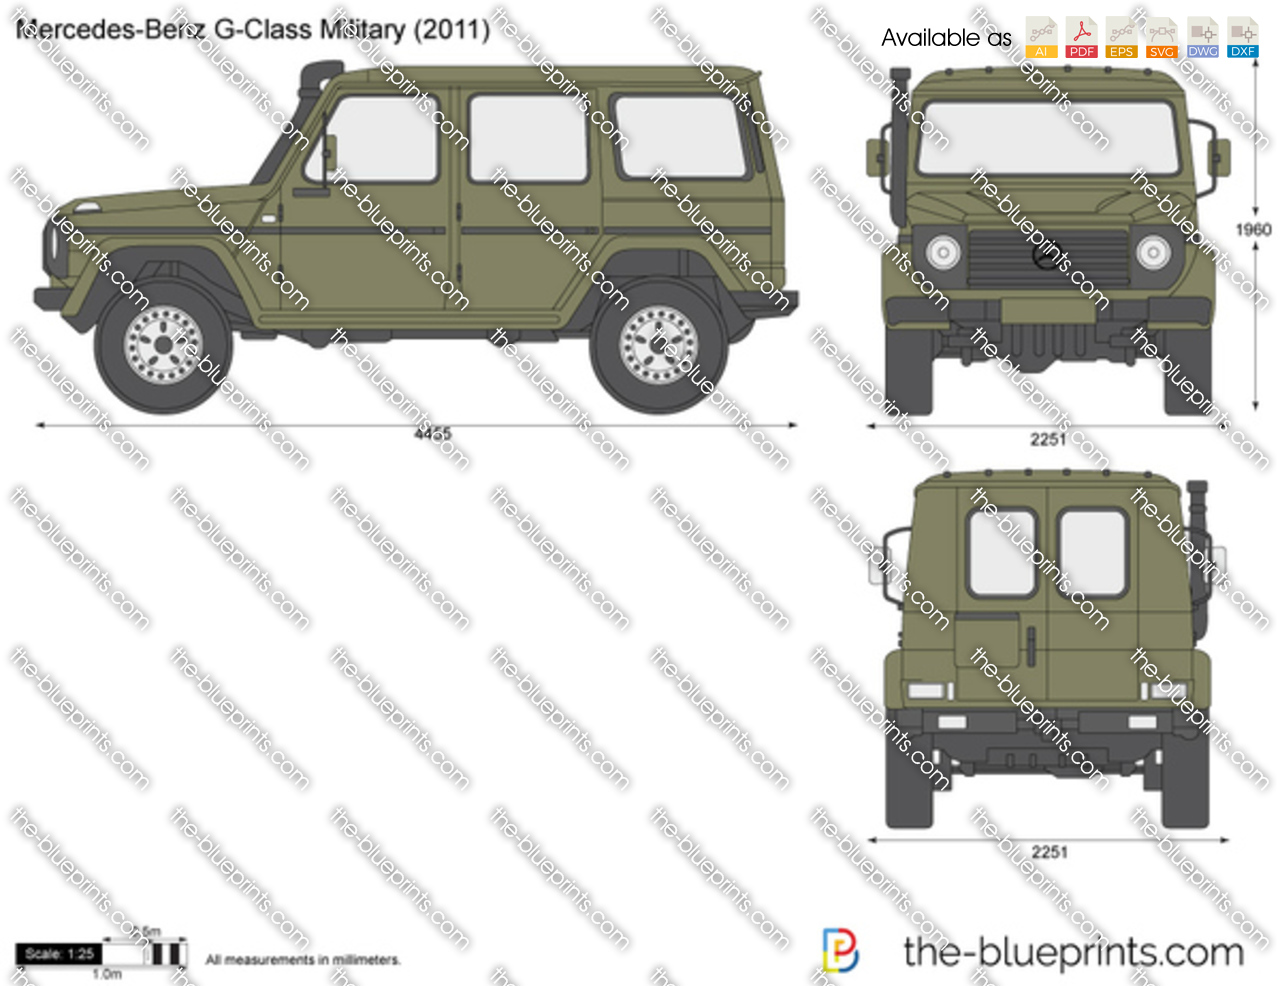 Mercedes-Benz G-Class Military 461 2010